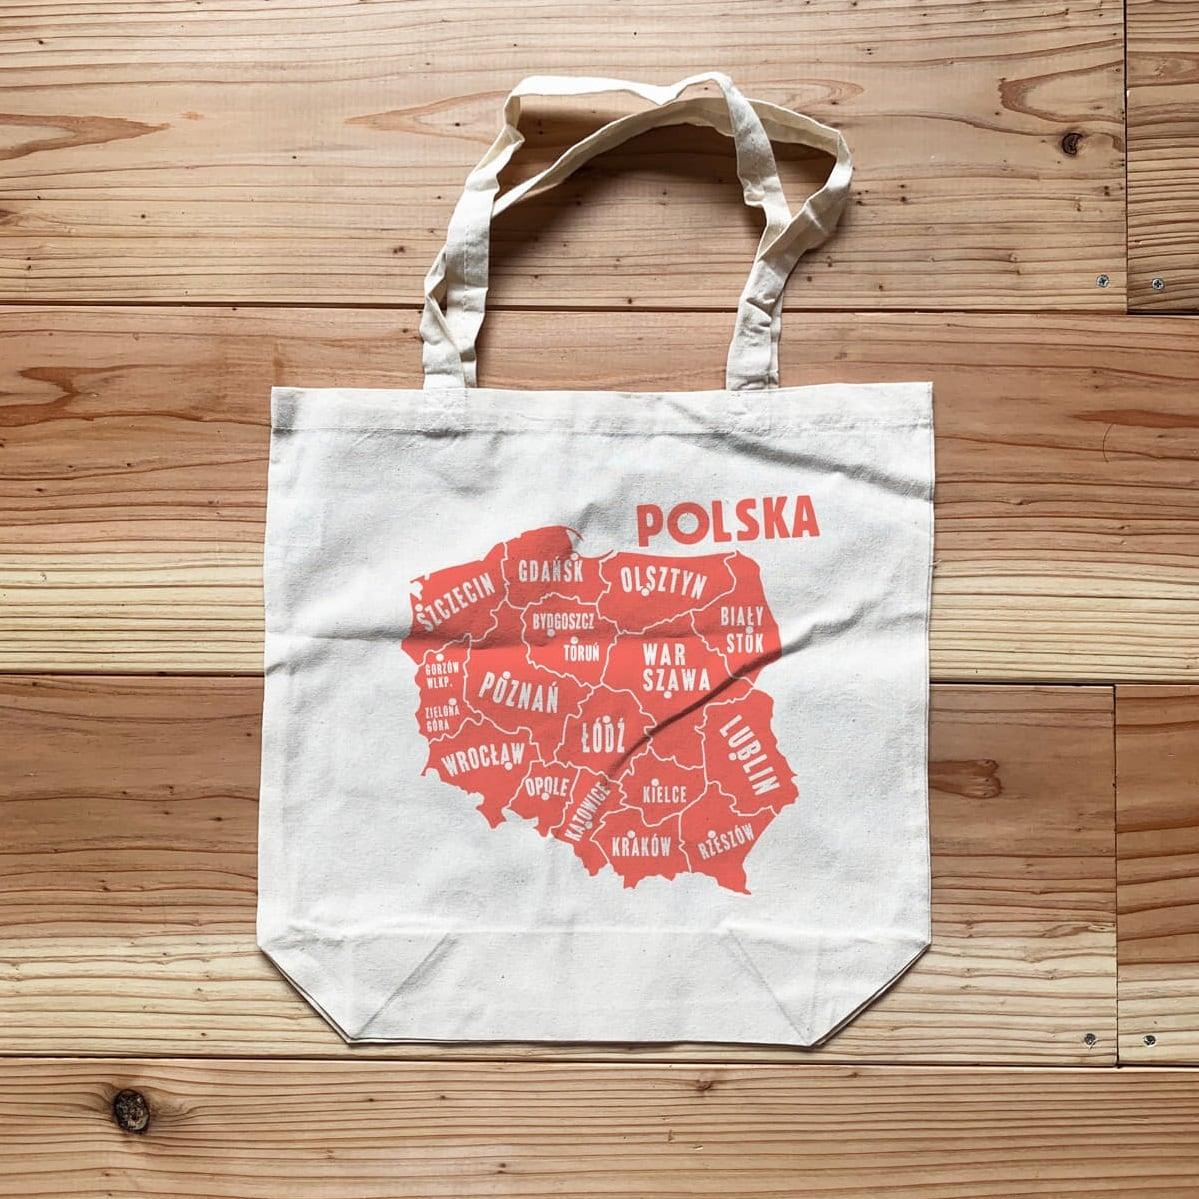 トートバッグ「ポーランドの地図」 A4サイズ / Mapa Polska Tote